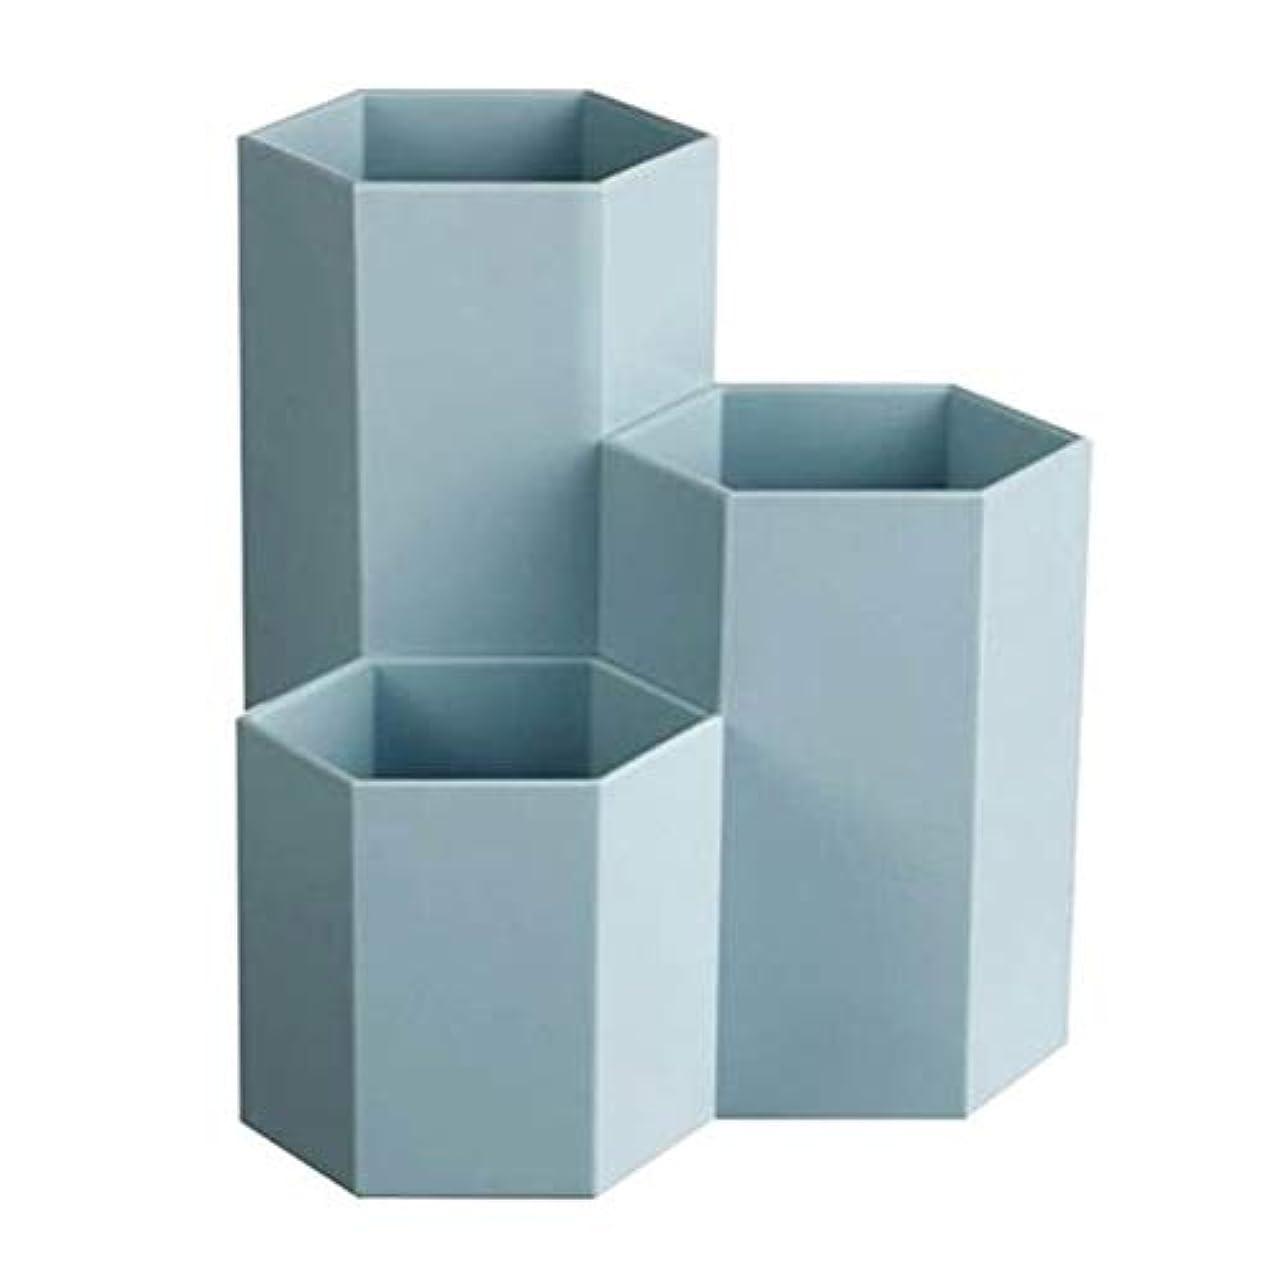 ハドル邪悪な最小TerGOOSE 卓上収納ケース メイクブラシケース メイクブラシスタンド メイクブラシ収納ボックス メイクケース ペンホルダー 卓上文房具収納ボックス ペン立て 文房具 おしゃれ 六角 3つのグリッド 大容量 ブルー